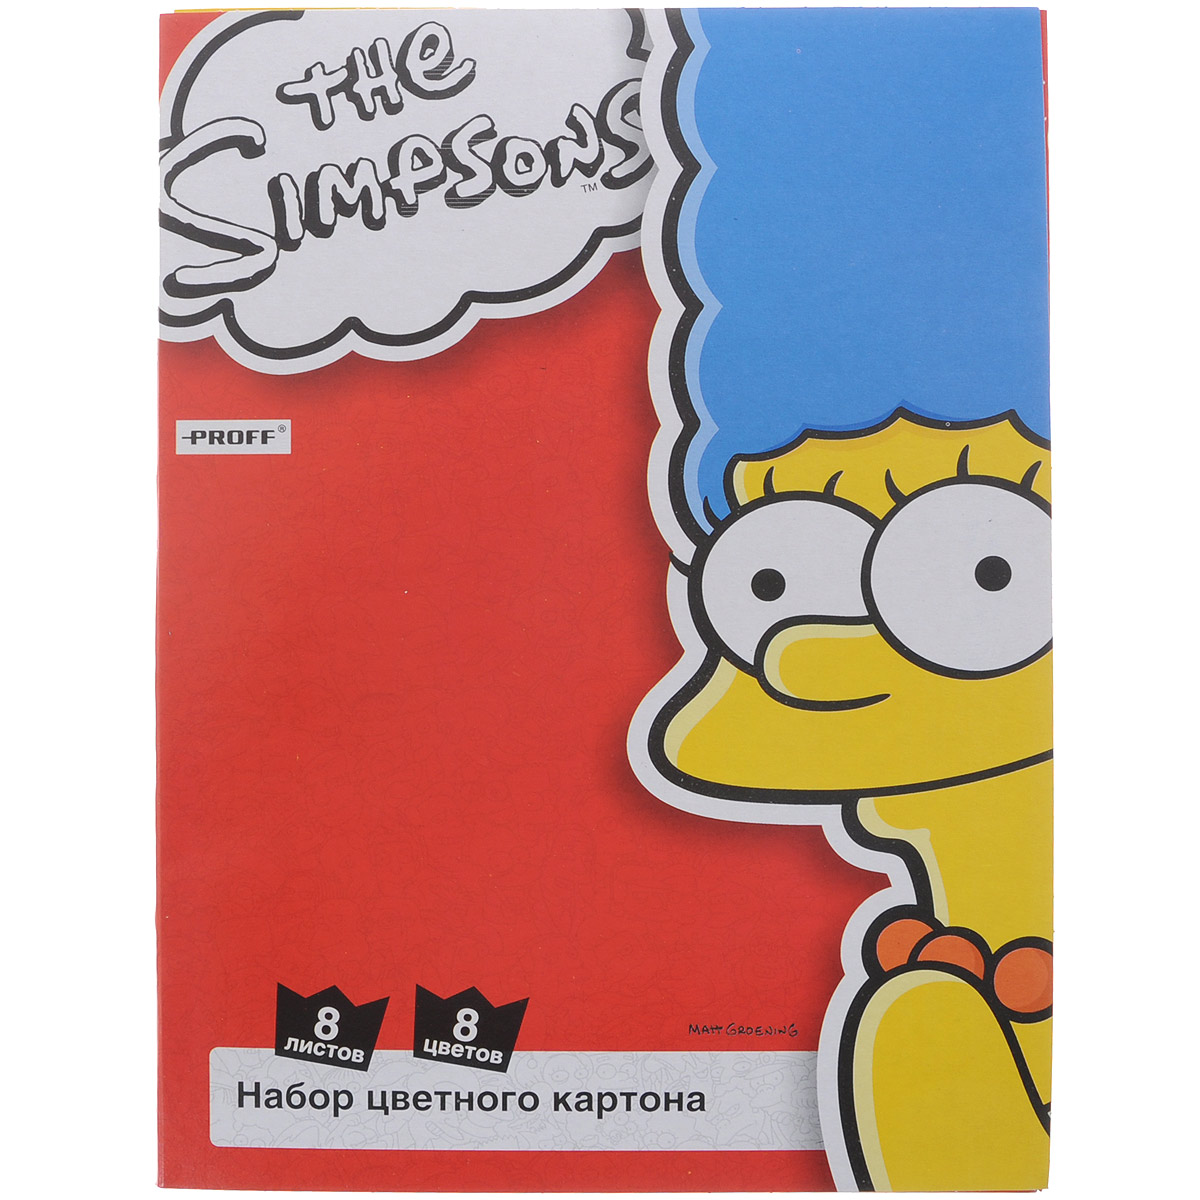 Набор цветного картона The Simpsons, 8 листов05480Набор цветного картона Proff The Simpsons прекрасно выполненный, замечательный набор для детского творчестваНабор позволит создавать всевозможные аппликации и поделки. Набор состоит из картона желтого, черного, зеленого, белого, красного, синего, оранжевого и малинового цветов. Создание поделок из цветного картона позволяет ребенку развивать творческие способности, кроме того, это увлекательный досуг.Творите вместе с Proff!